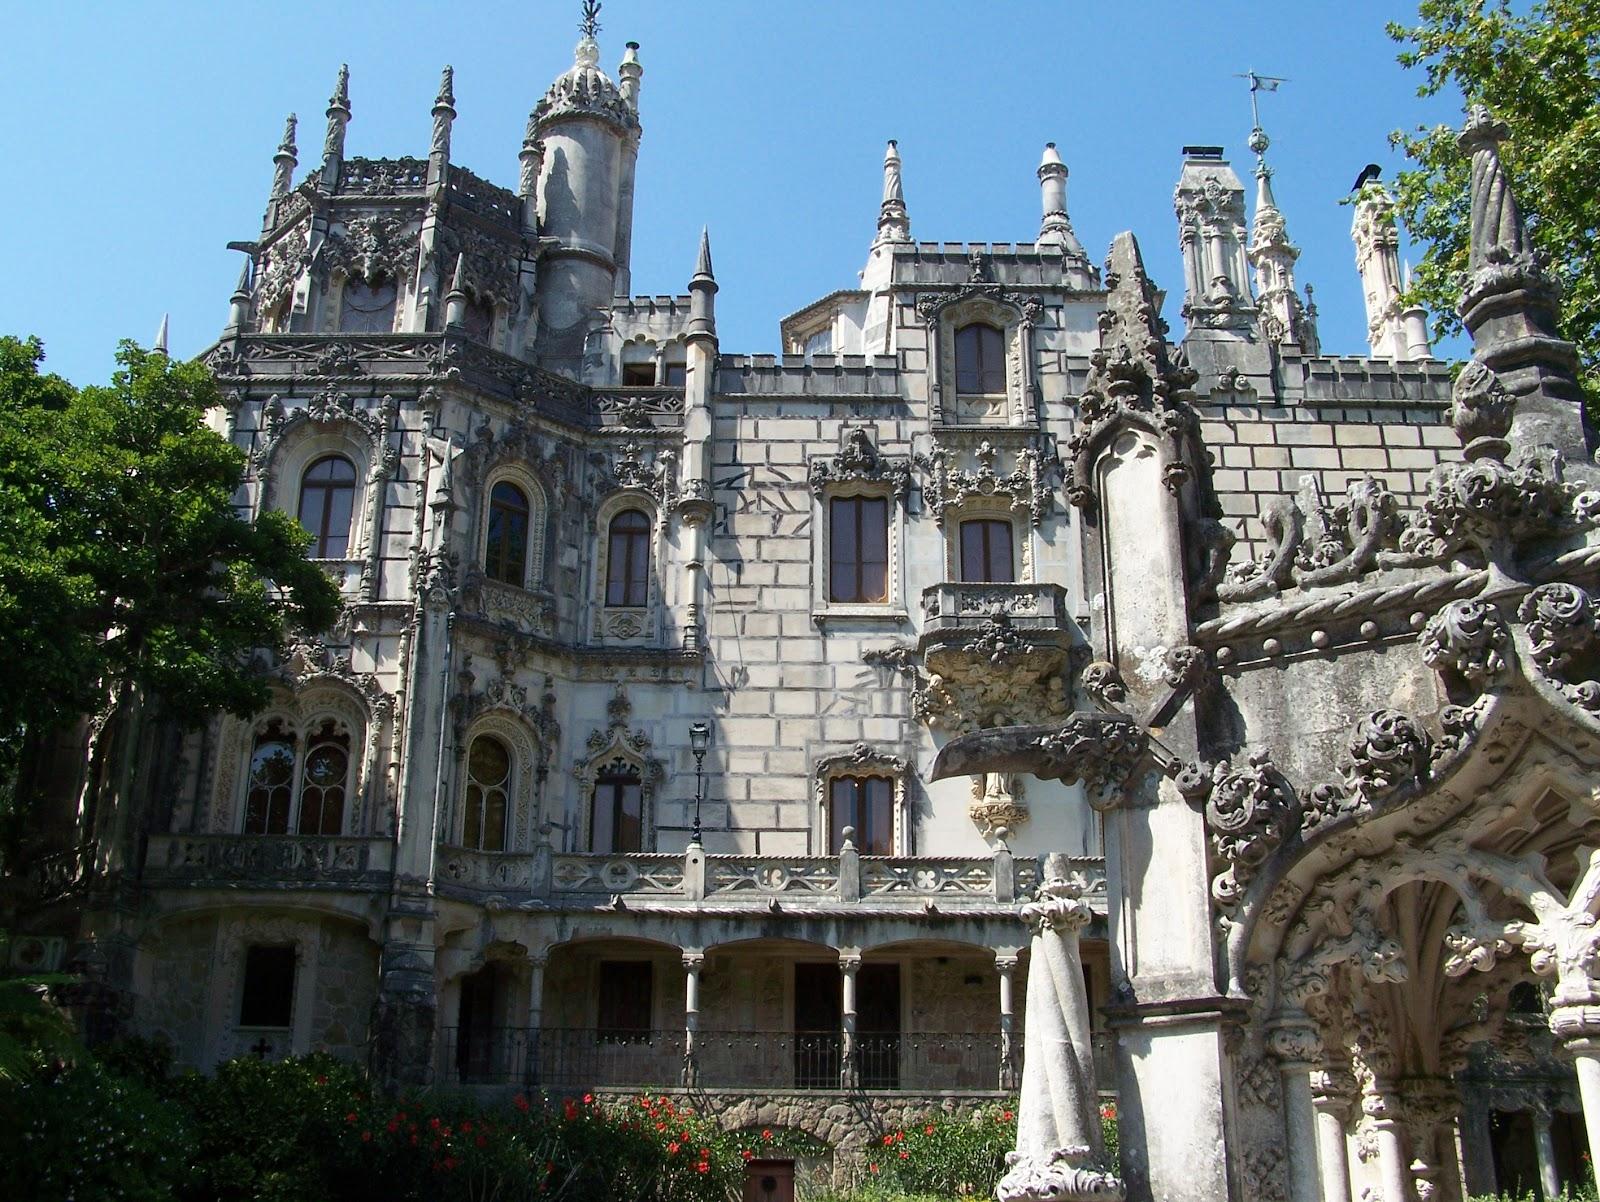 palácio e quinta da regaleira.jpg